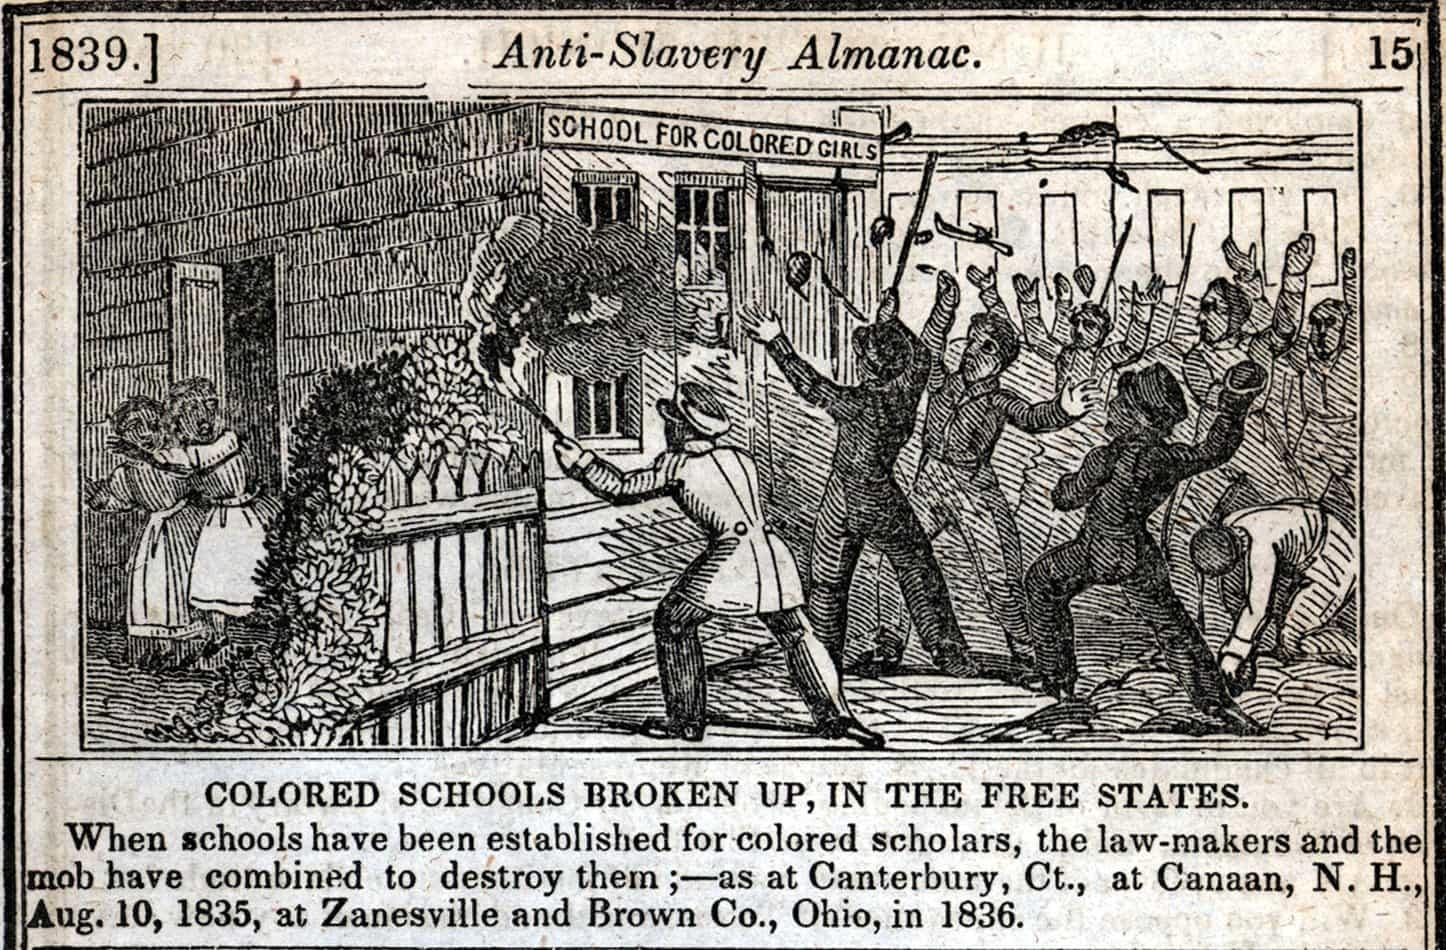 Une école de jeunes filles noires ravagée par une foule blanche en 1834 (illustration parue dans un almanach anti-esclavagiste à New York en 1839).